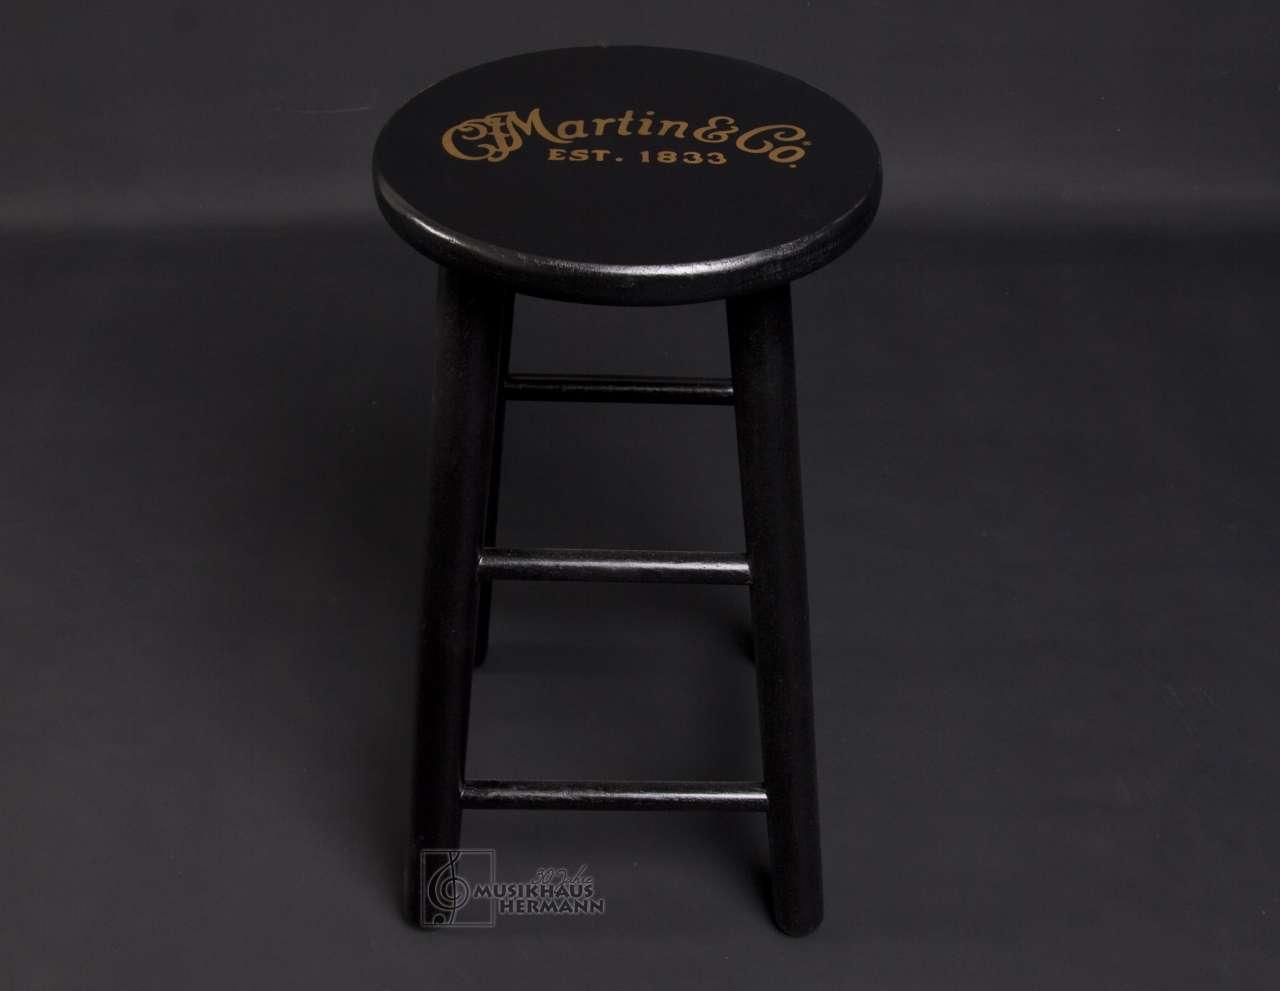 C.F. Martin Barhocker Hocker für Gitarre - Holz schwarz 18N0254